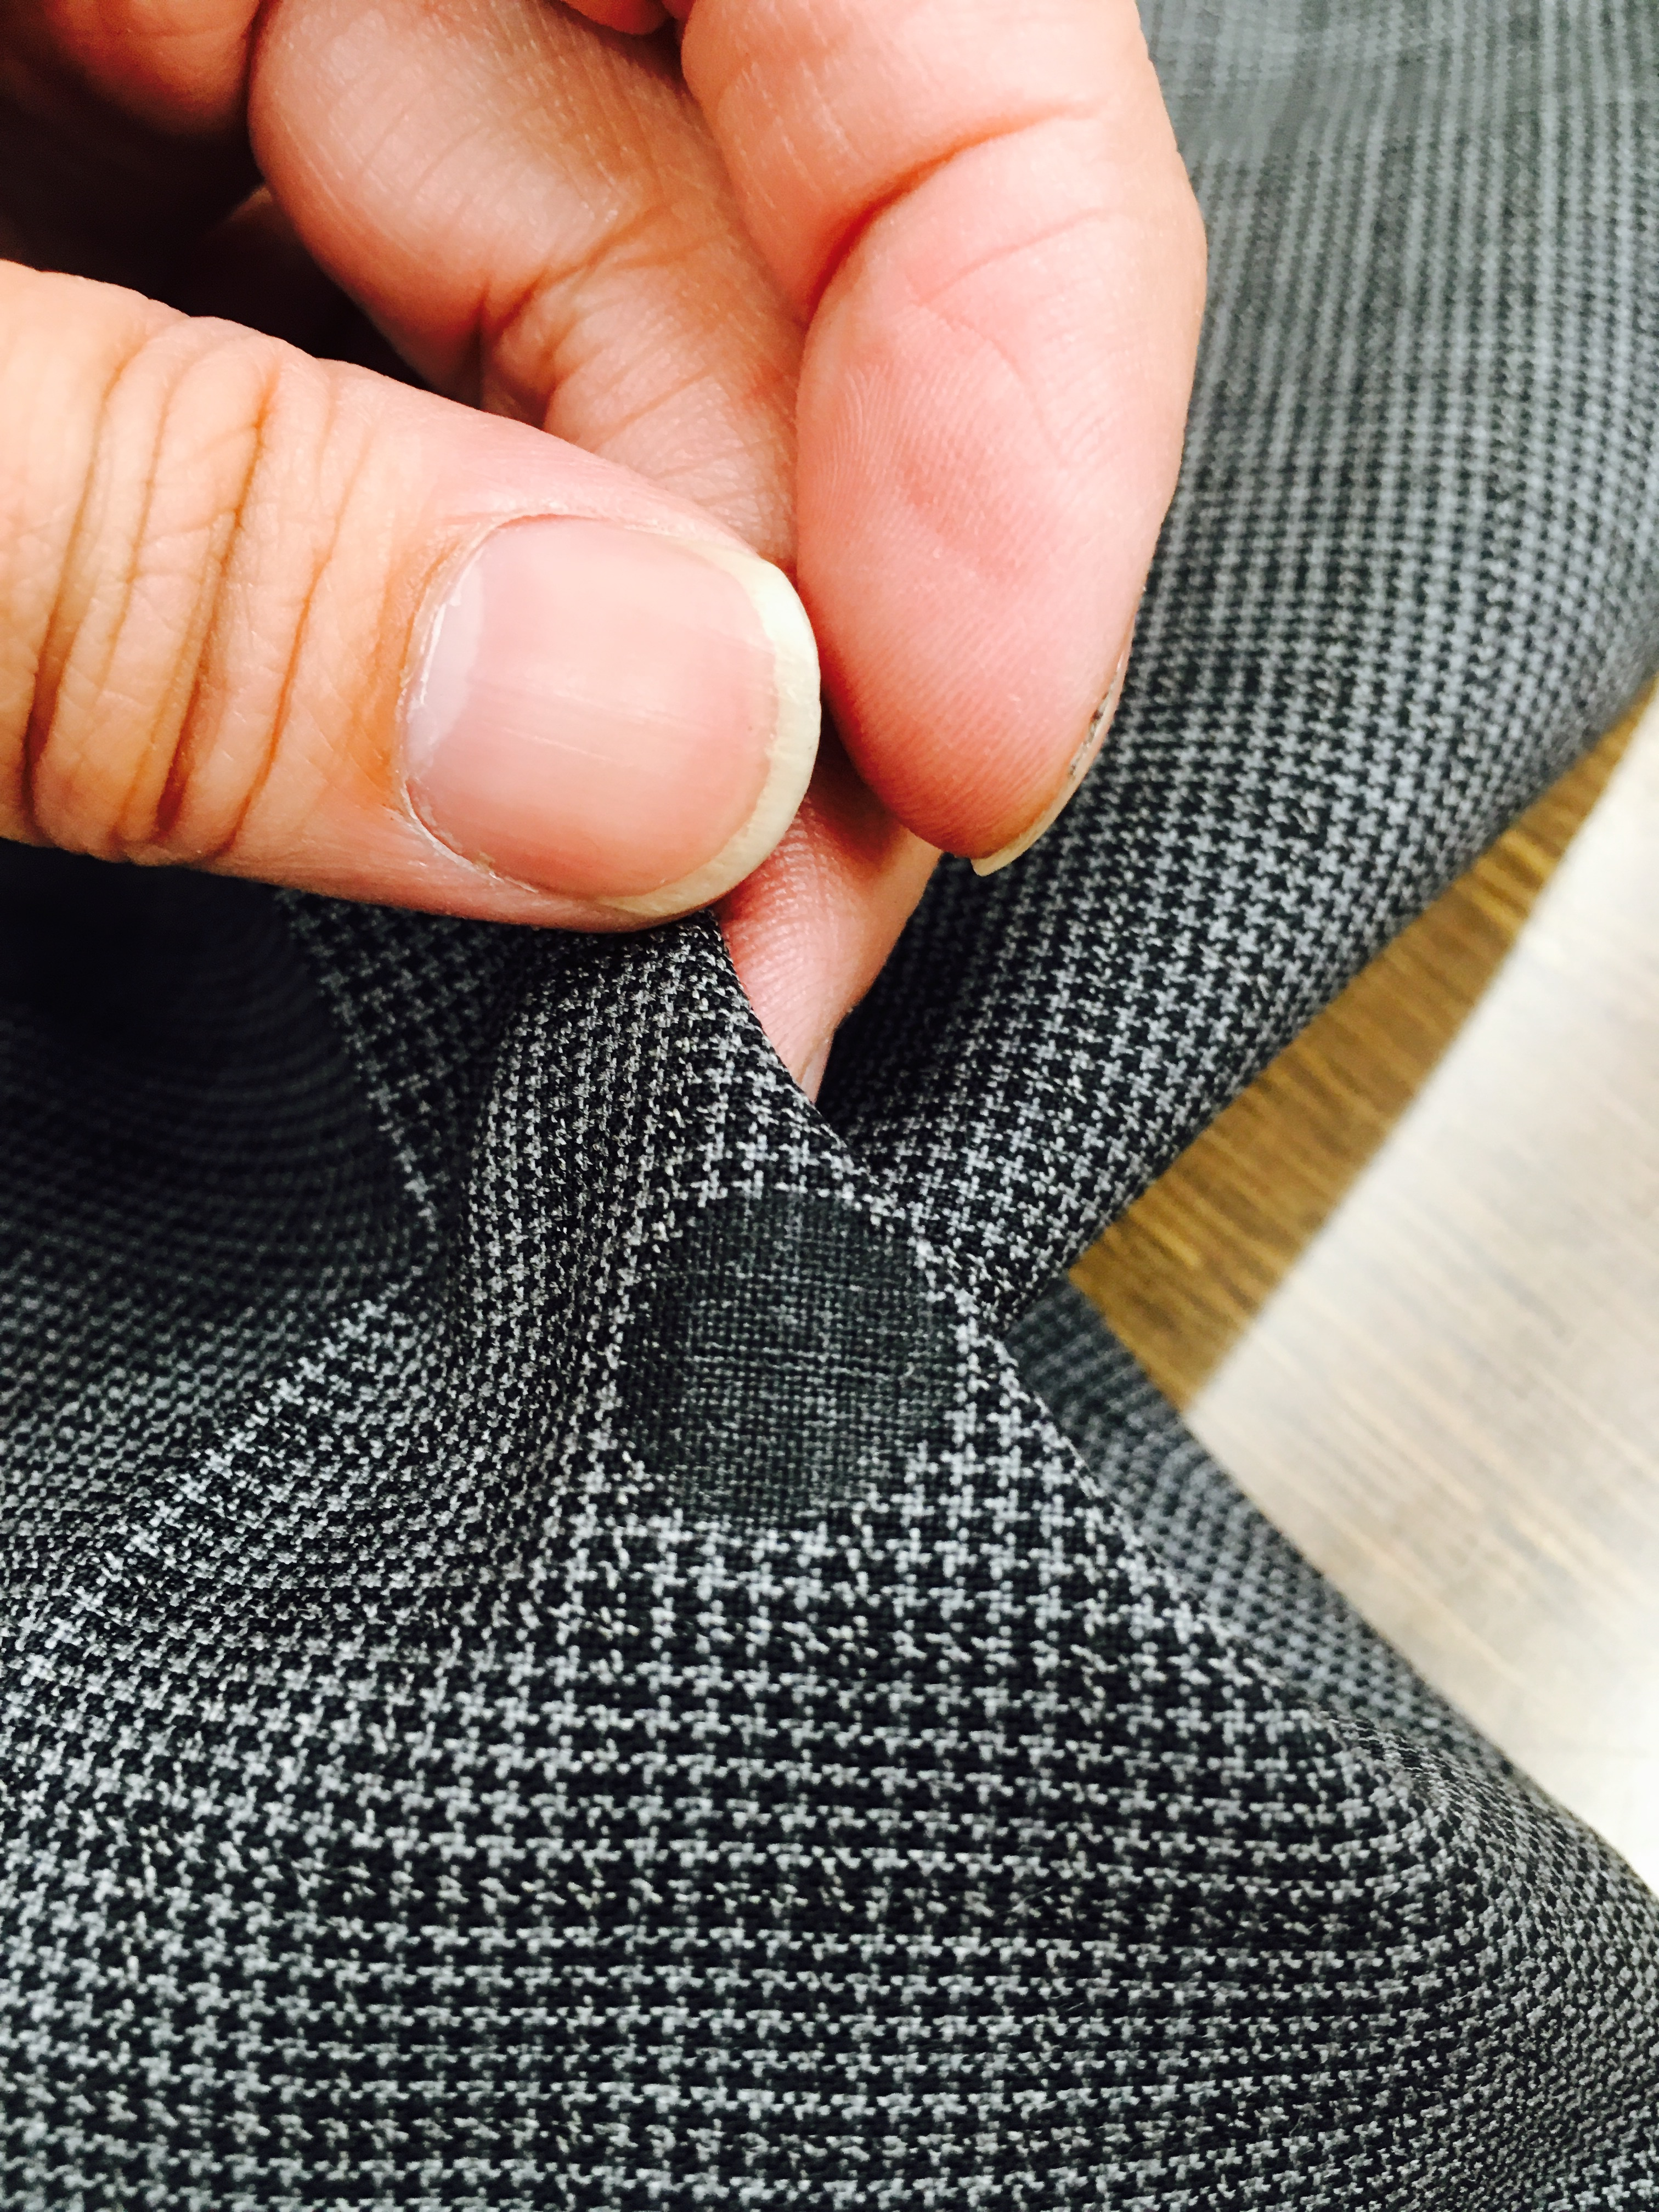 服 につい た ボンド 木工用ボンドが服についた時の落とし方!自分で綺麗にする方法│ヨミビ...